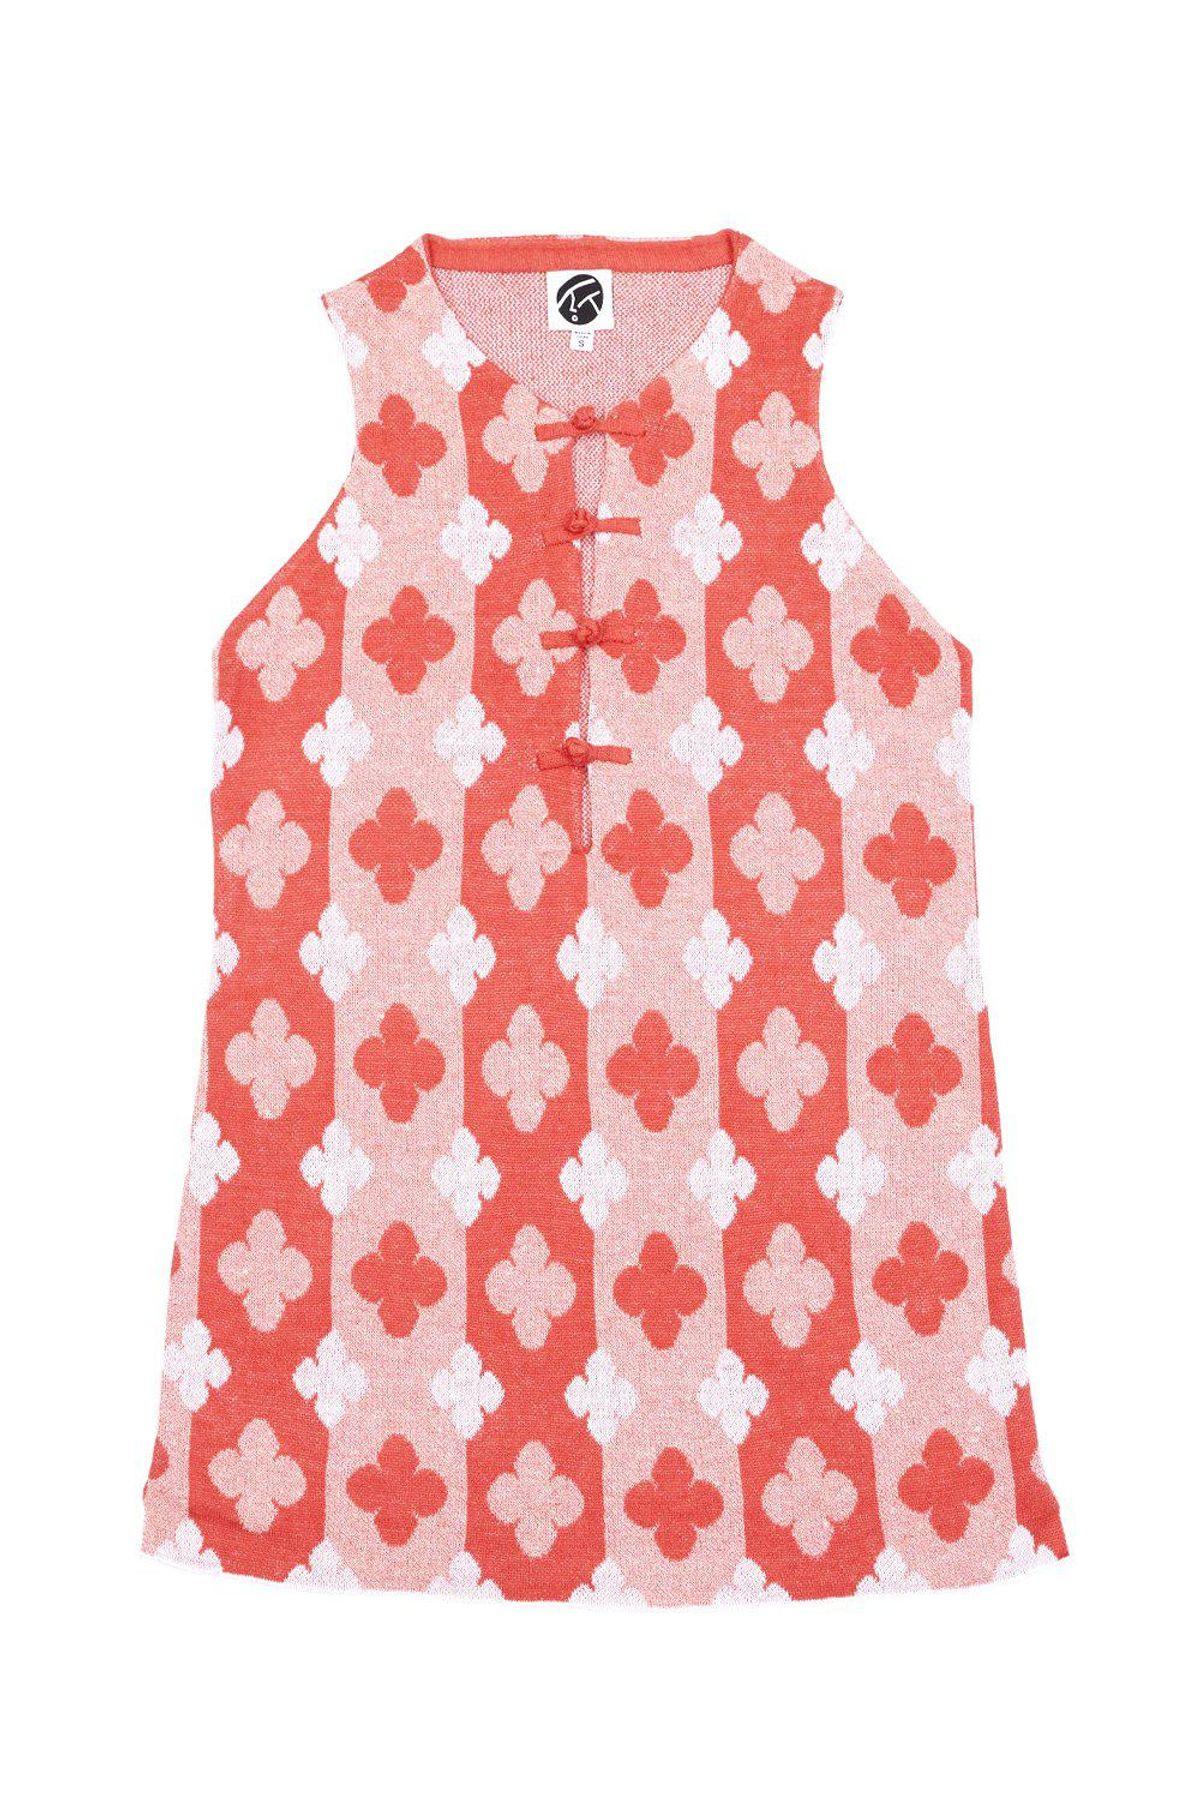 yanyan knits may mini dress in strawberry linen